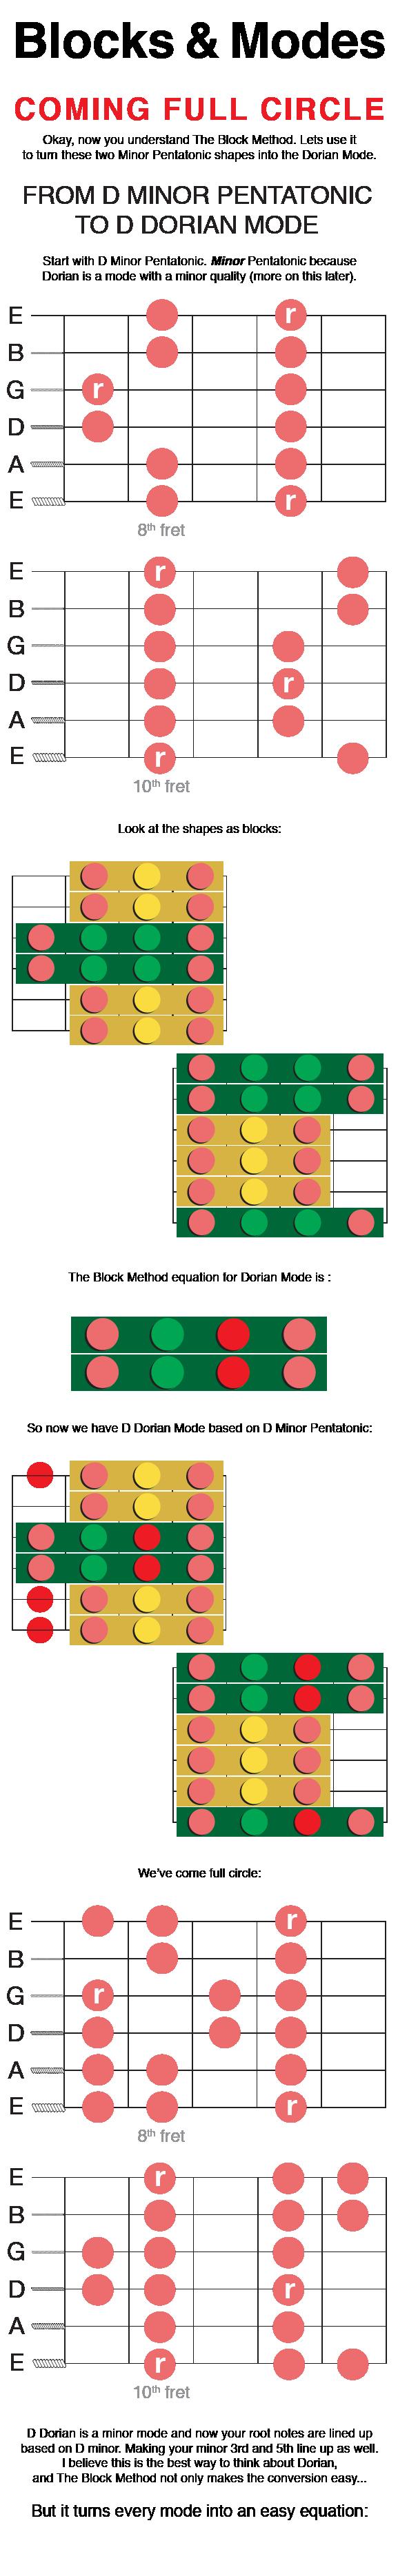 ESG MM_-11